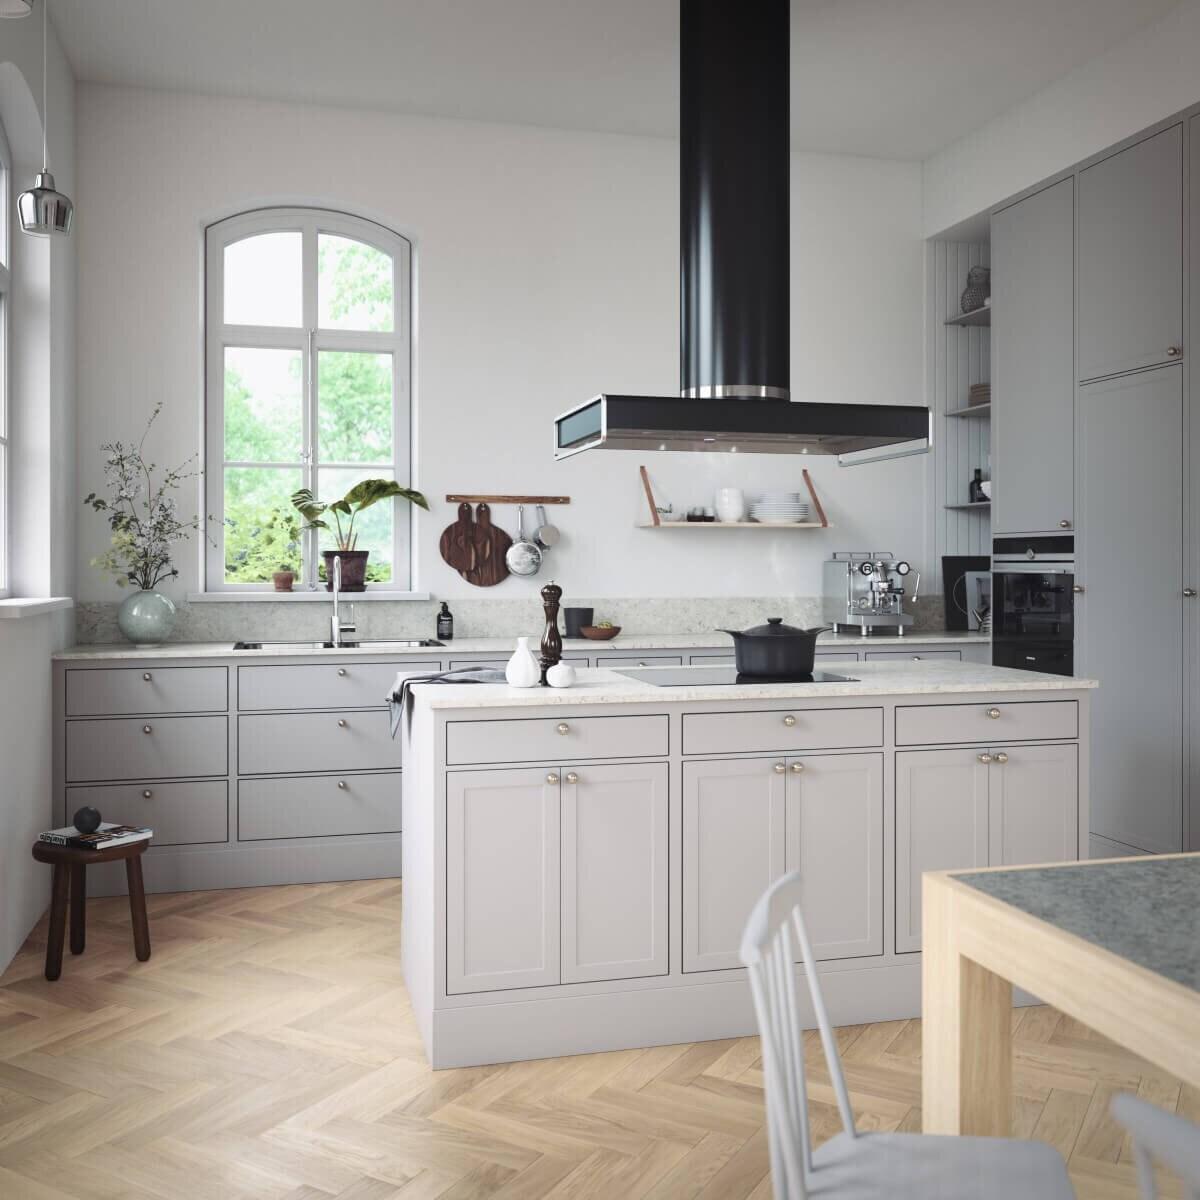 Frihängande köksfläkten Kafé i svart utförande skapar kontrast i ljus köksmiljö i sekelskiftesstil.